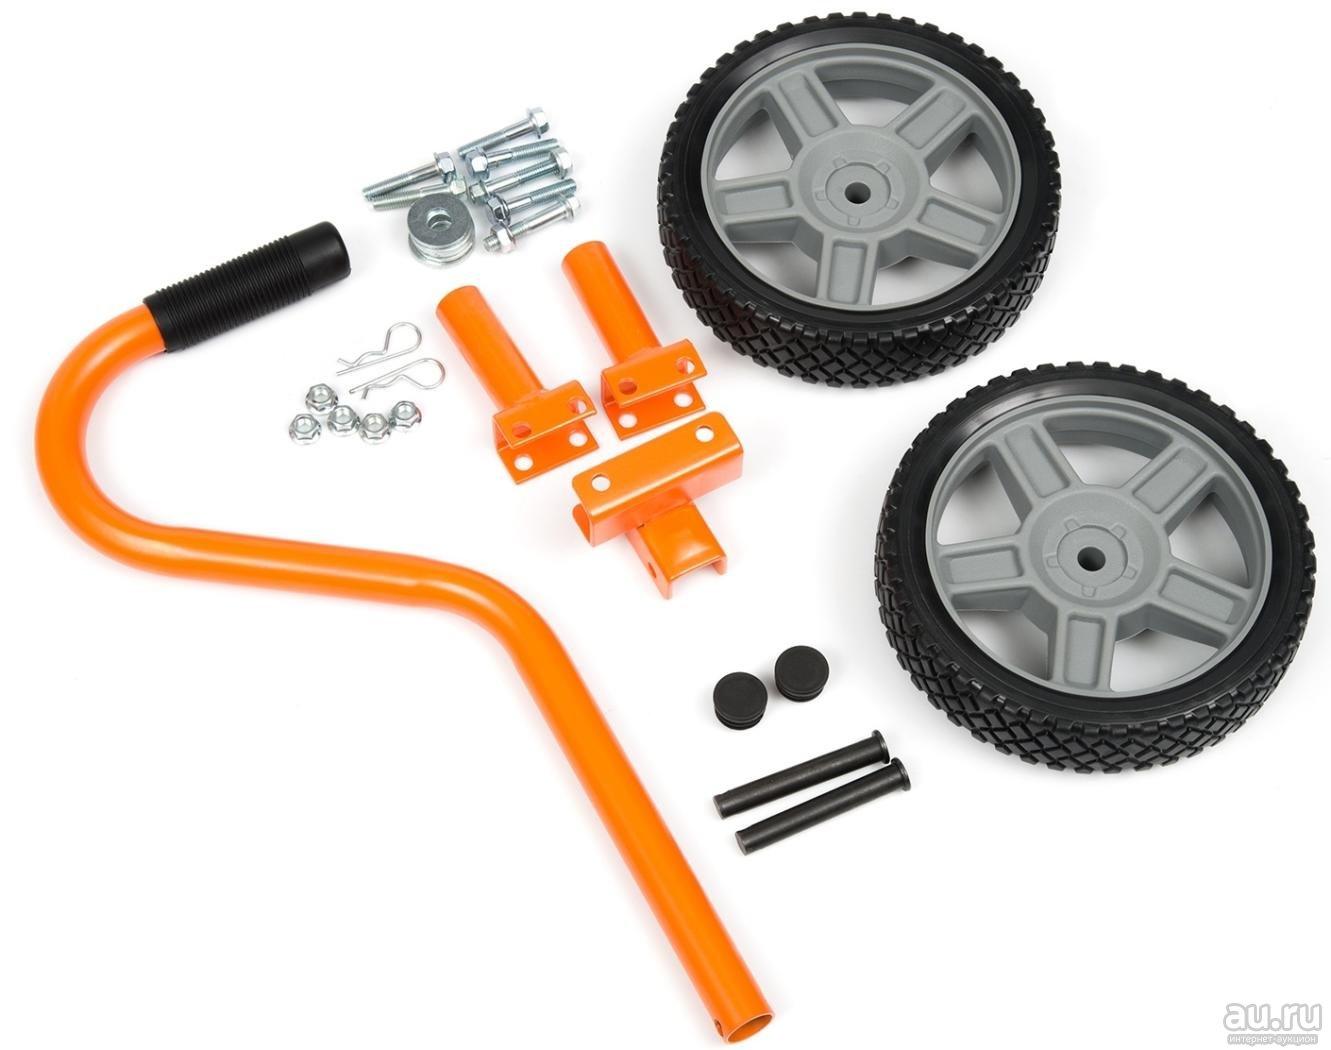 Комплект колес для генераторов ECT 7000 в Кстовое